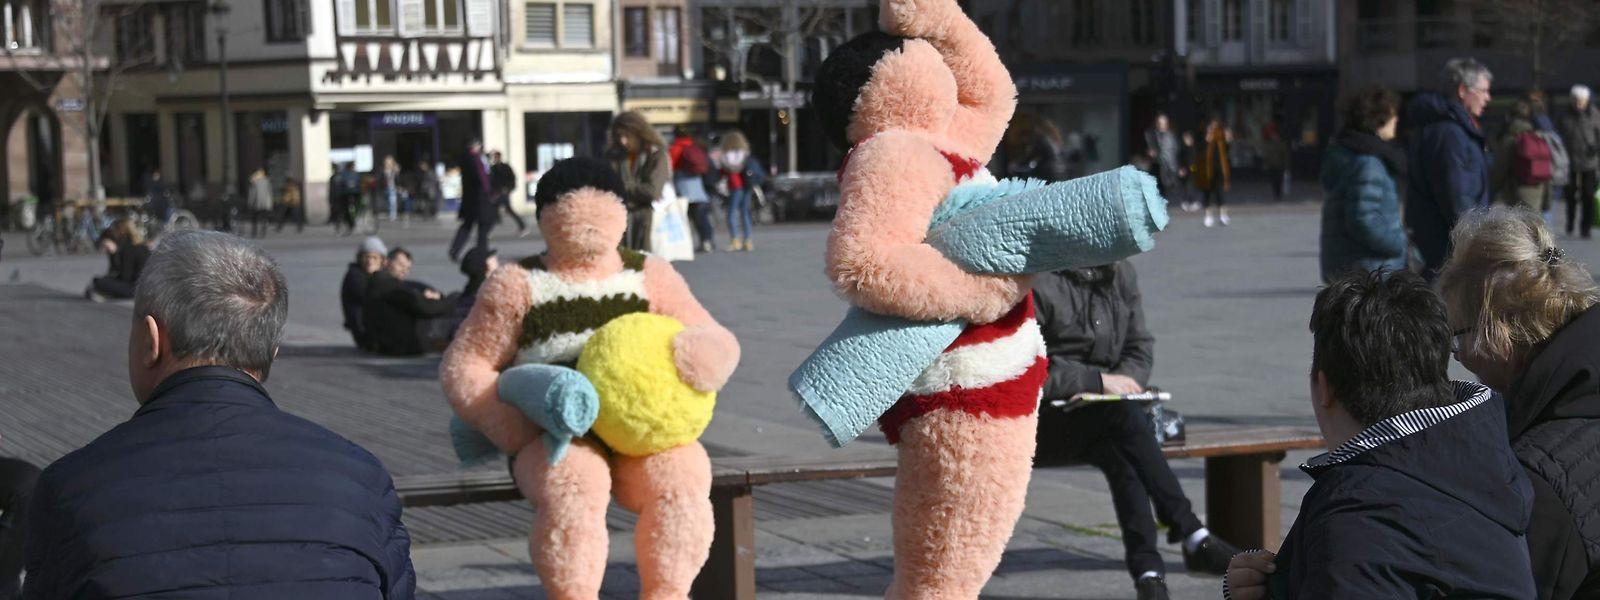 """Straßburg. Im Badeanzug und mit Strandtüchern und Ball ausgestattet machen sich die Straßenkünstler Coco Petitpierre und Yan Cledat, im Rahmen des """"Festival Les Giboulées"""", auf die Suche nach der Sonne. Fotos: AFP"""